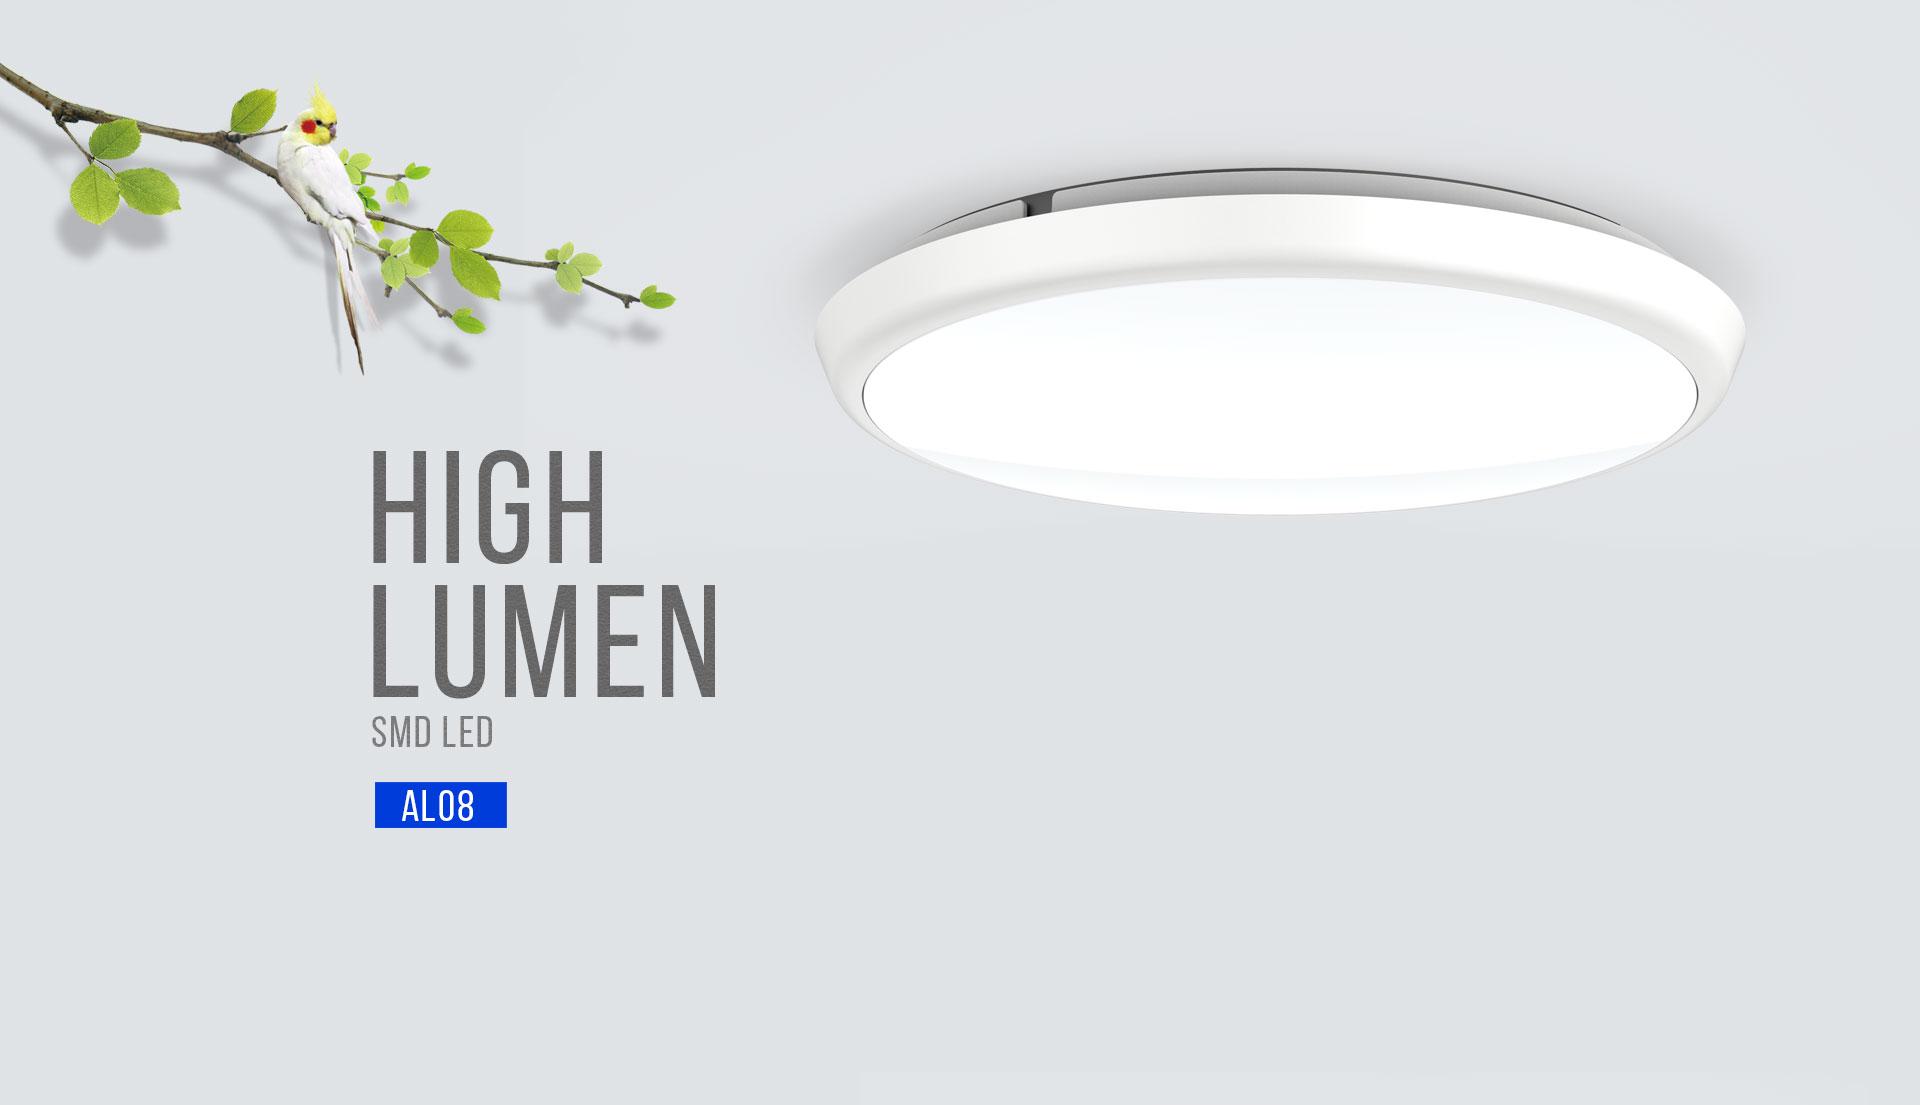 Al08 slim led oyster ceiling light upshine lighting for Led lights for high ceilings